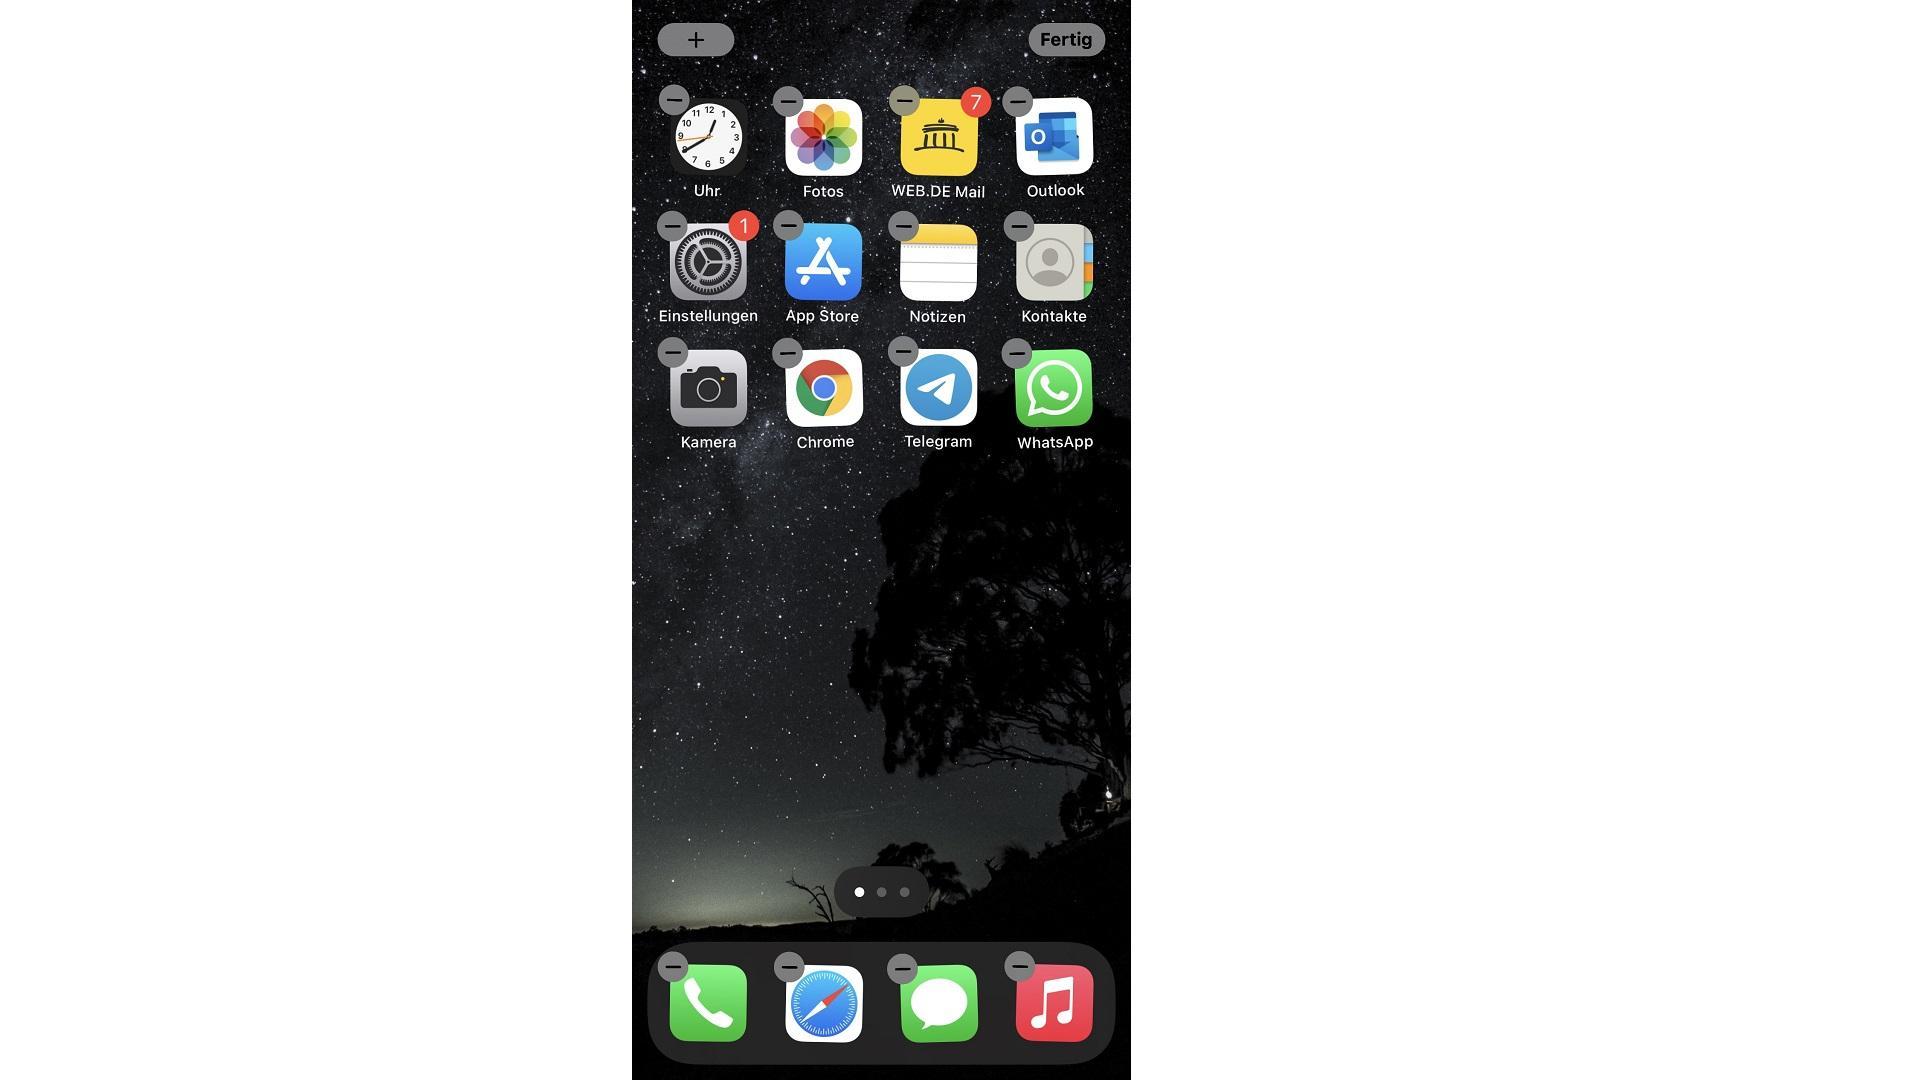 Veraltete Apps löschen und neu installieren